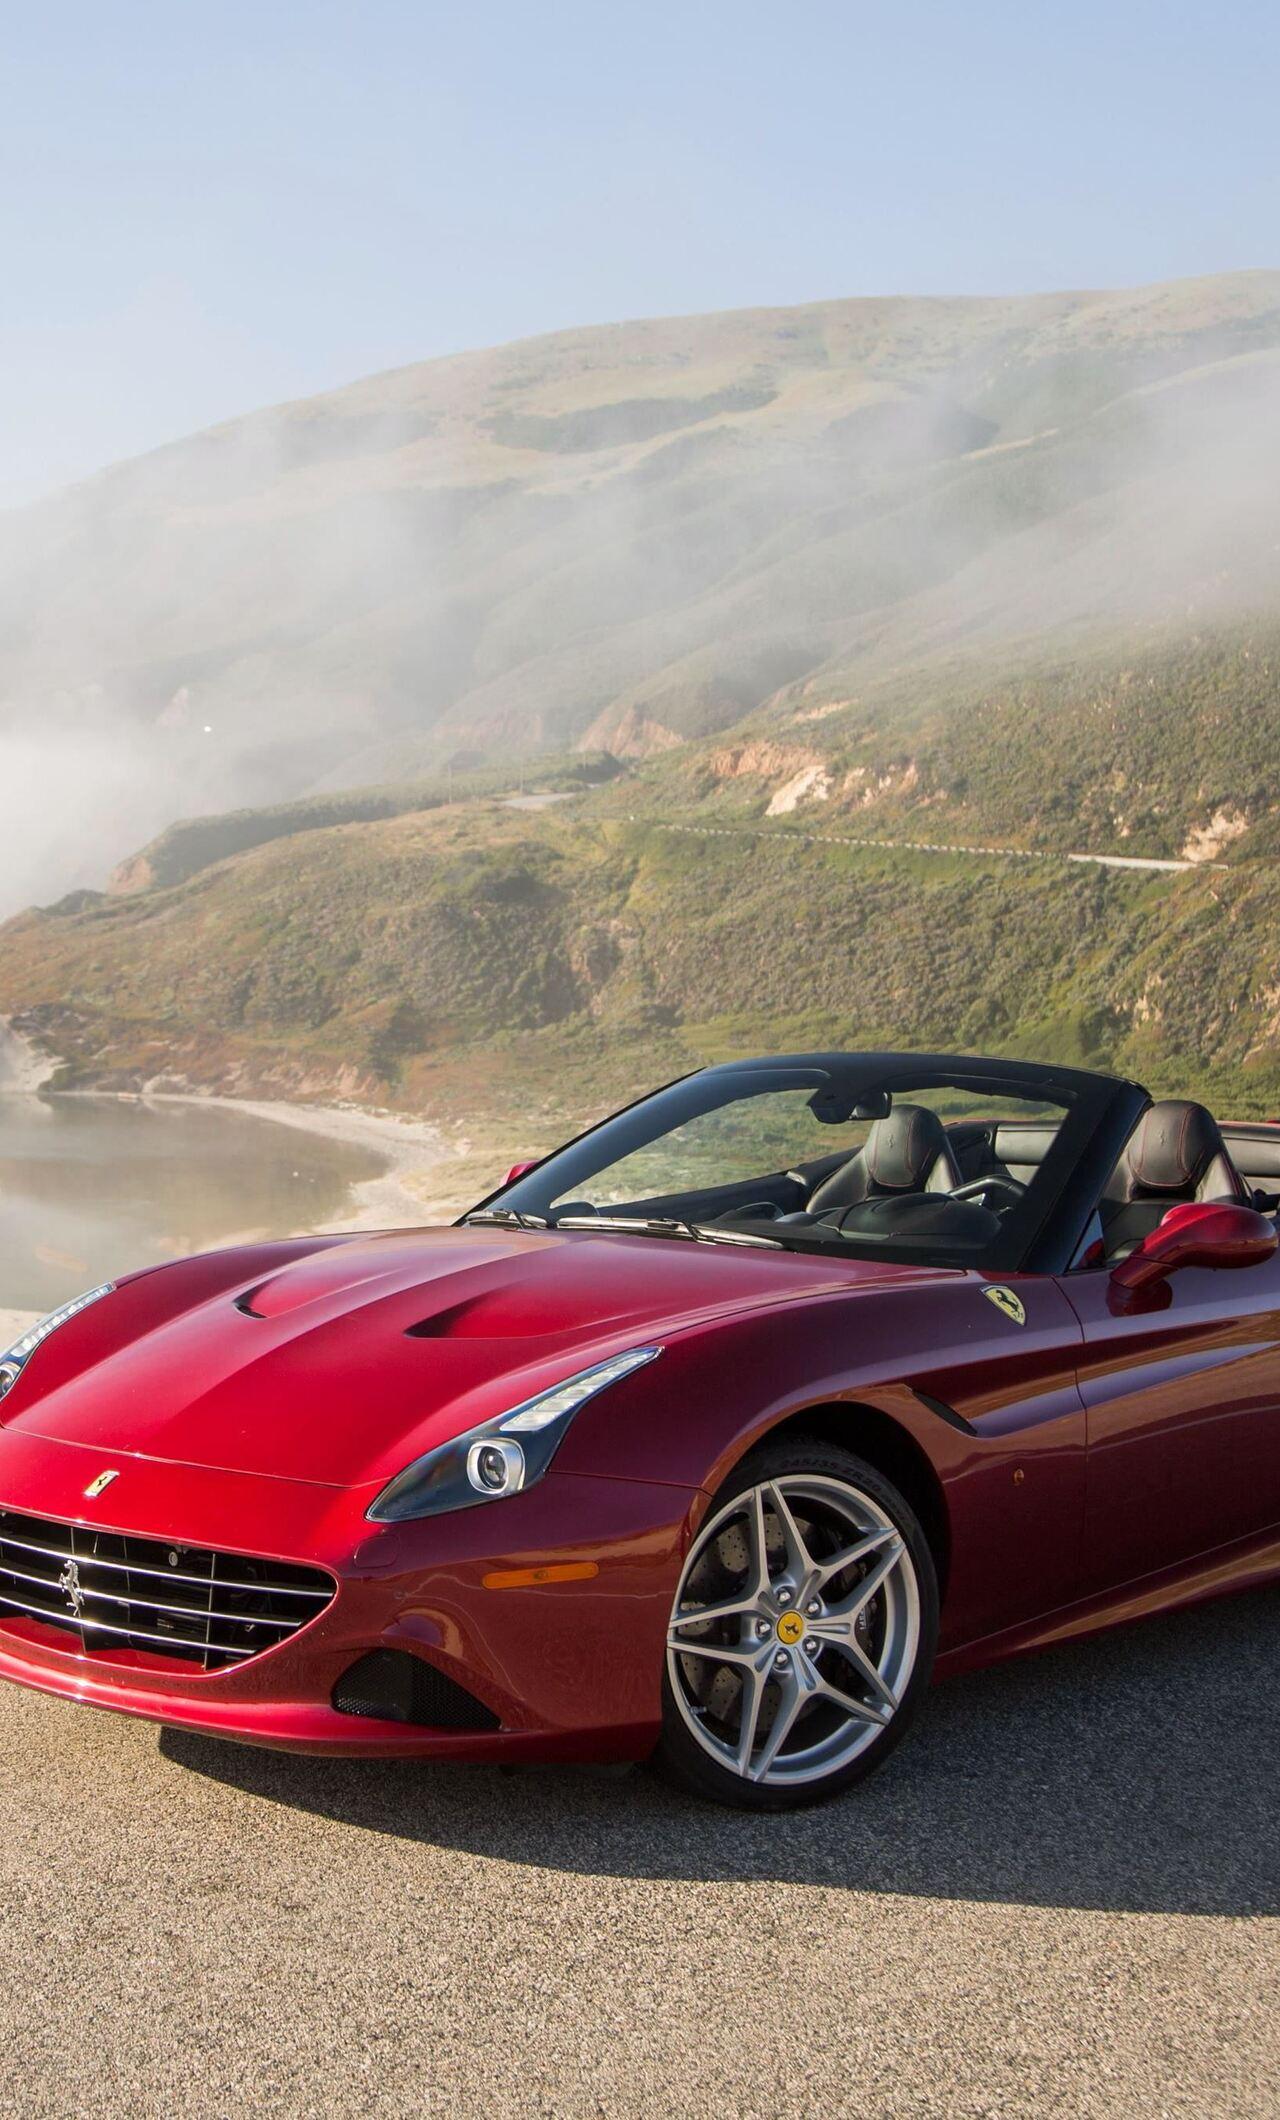 1280x2120 Ferrari California 4k Iphone 6 Hd 4k Wallpapers Images